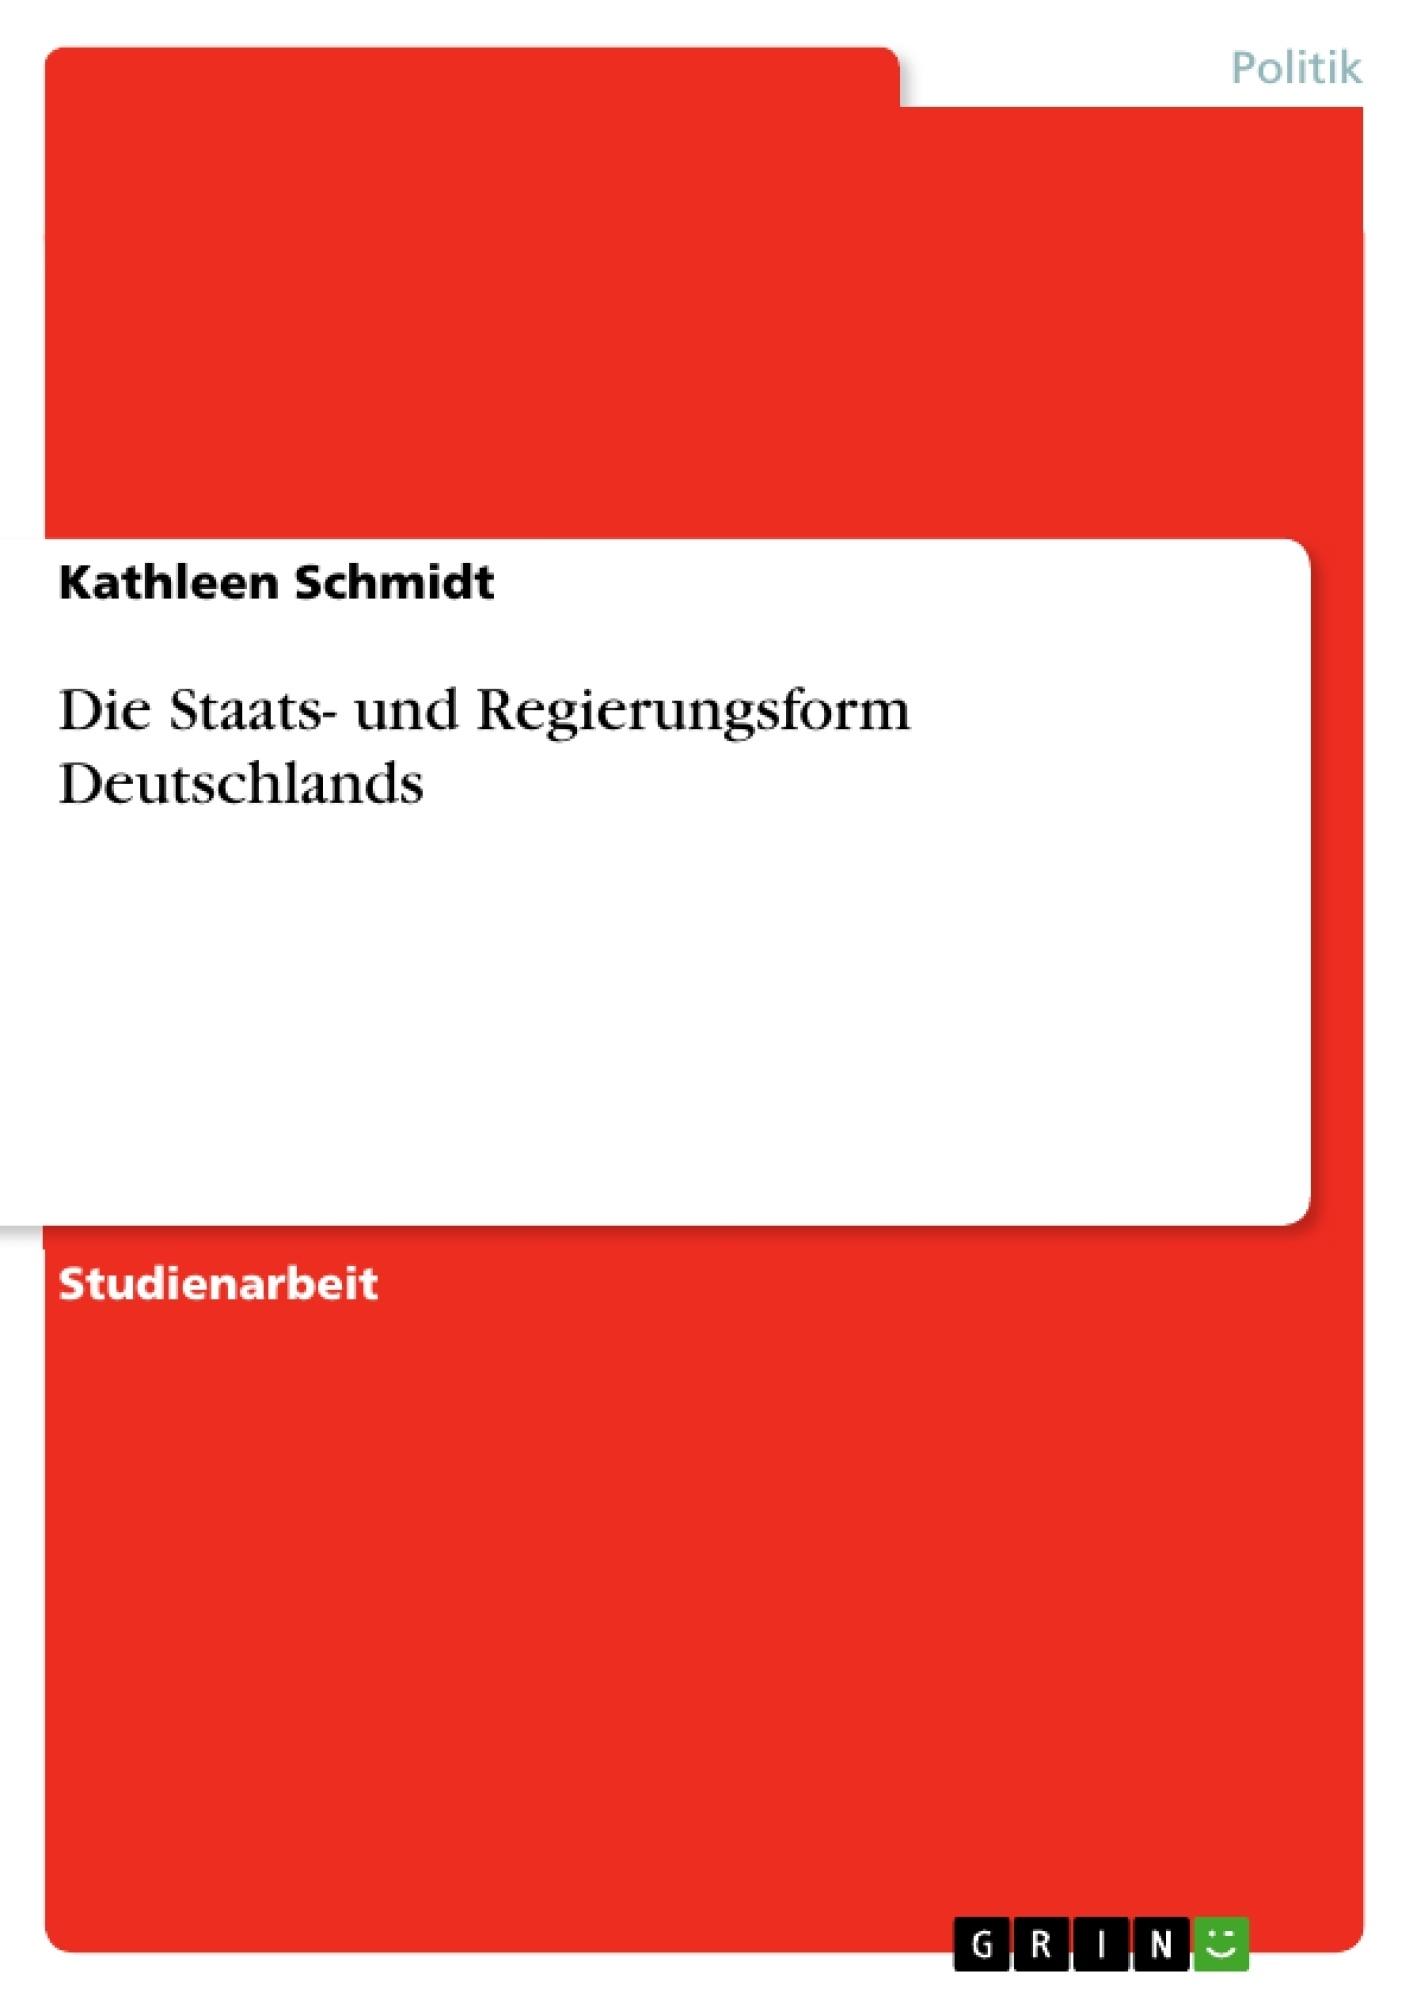 Titel: Die Staats- und Regierungsform Deutschlands